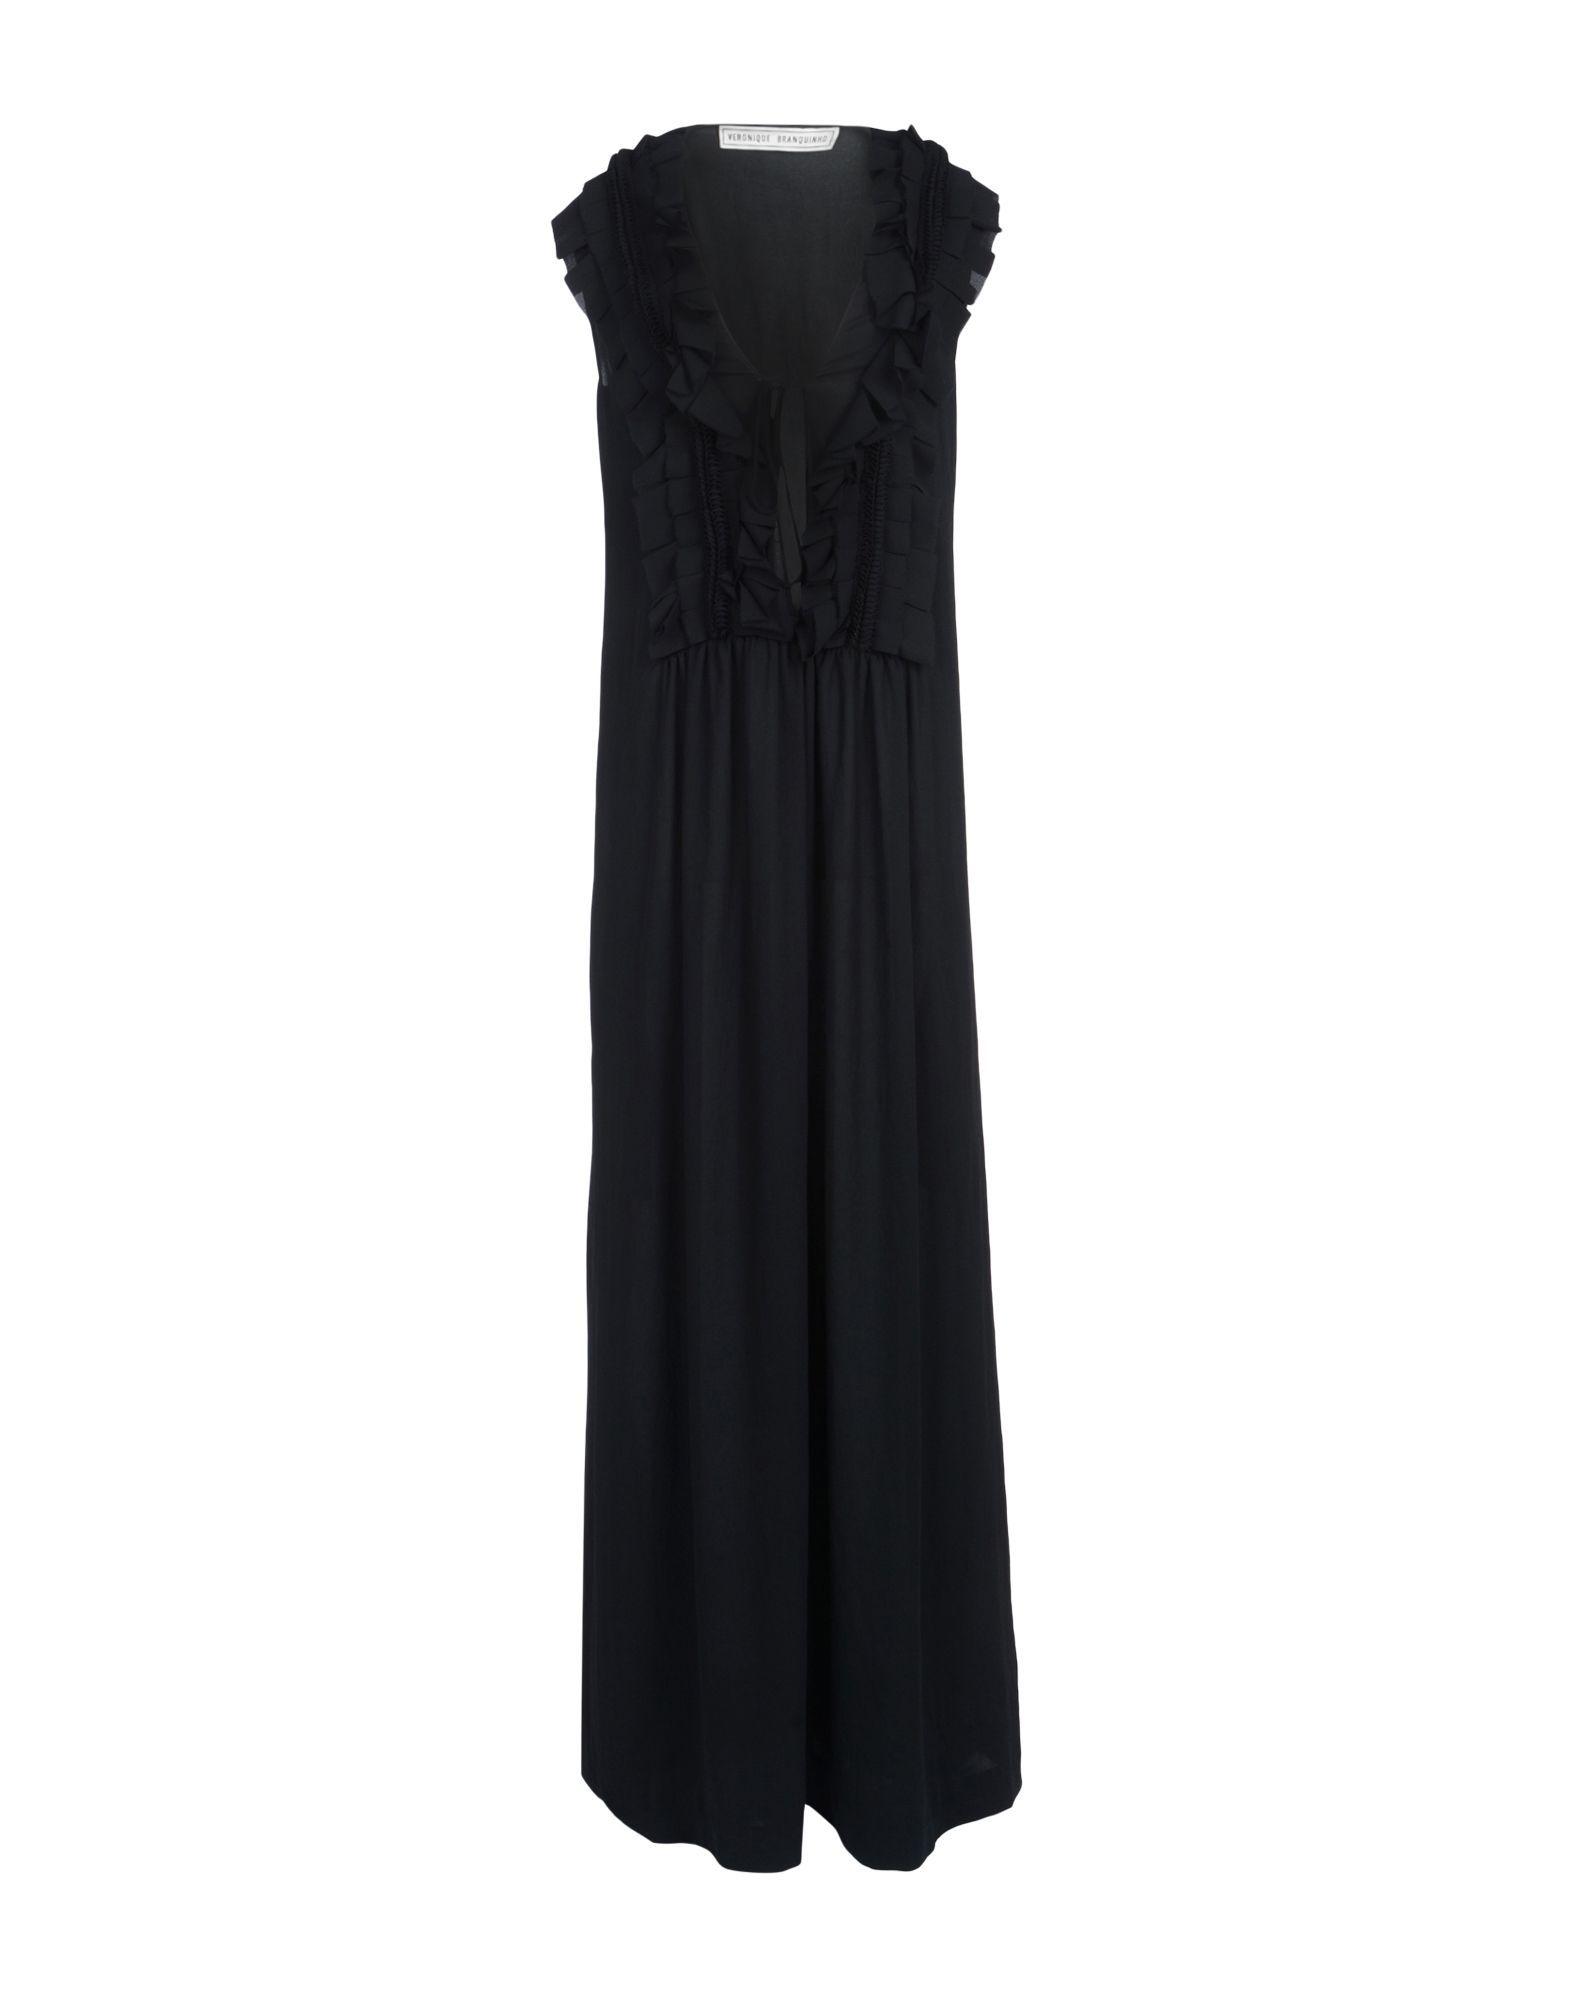 Veronique Branquinho Black Crepe Full Length Dress